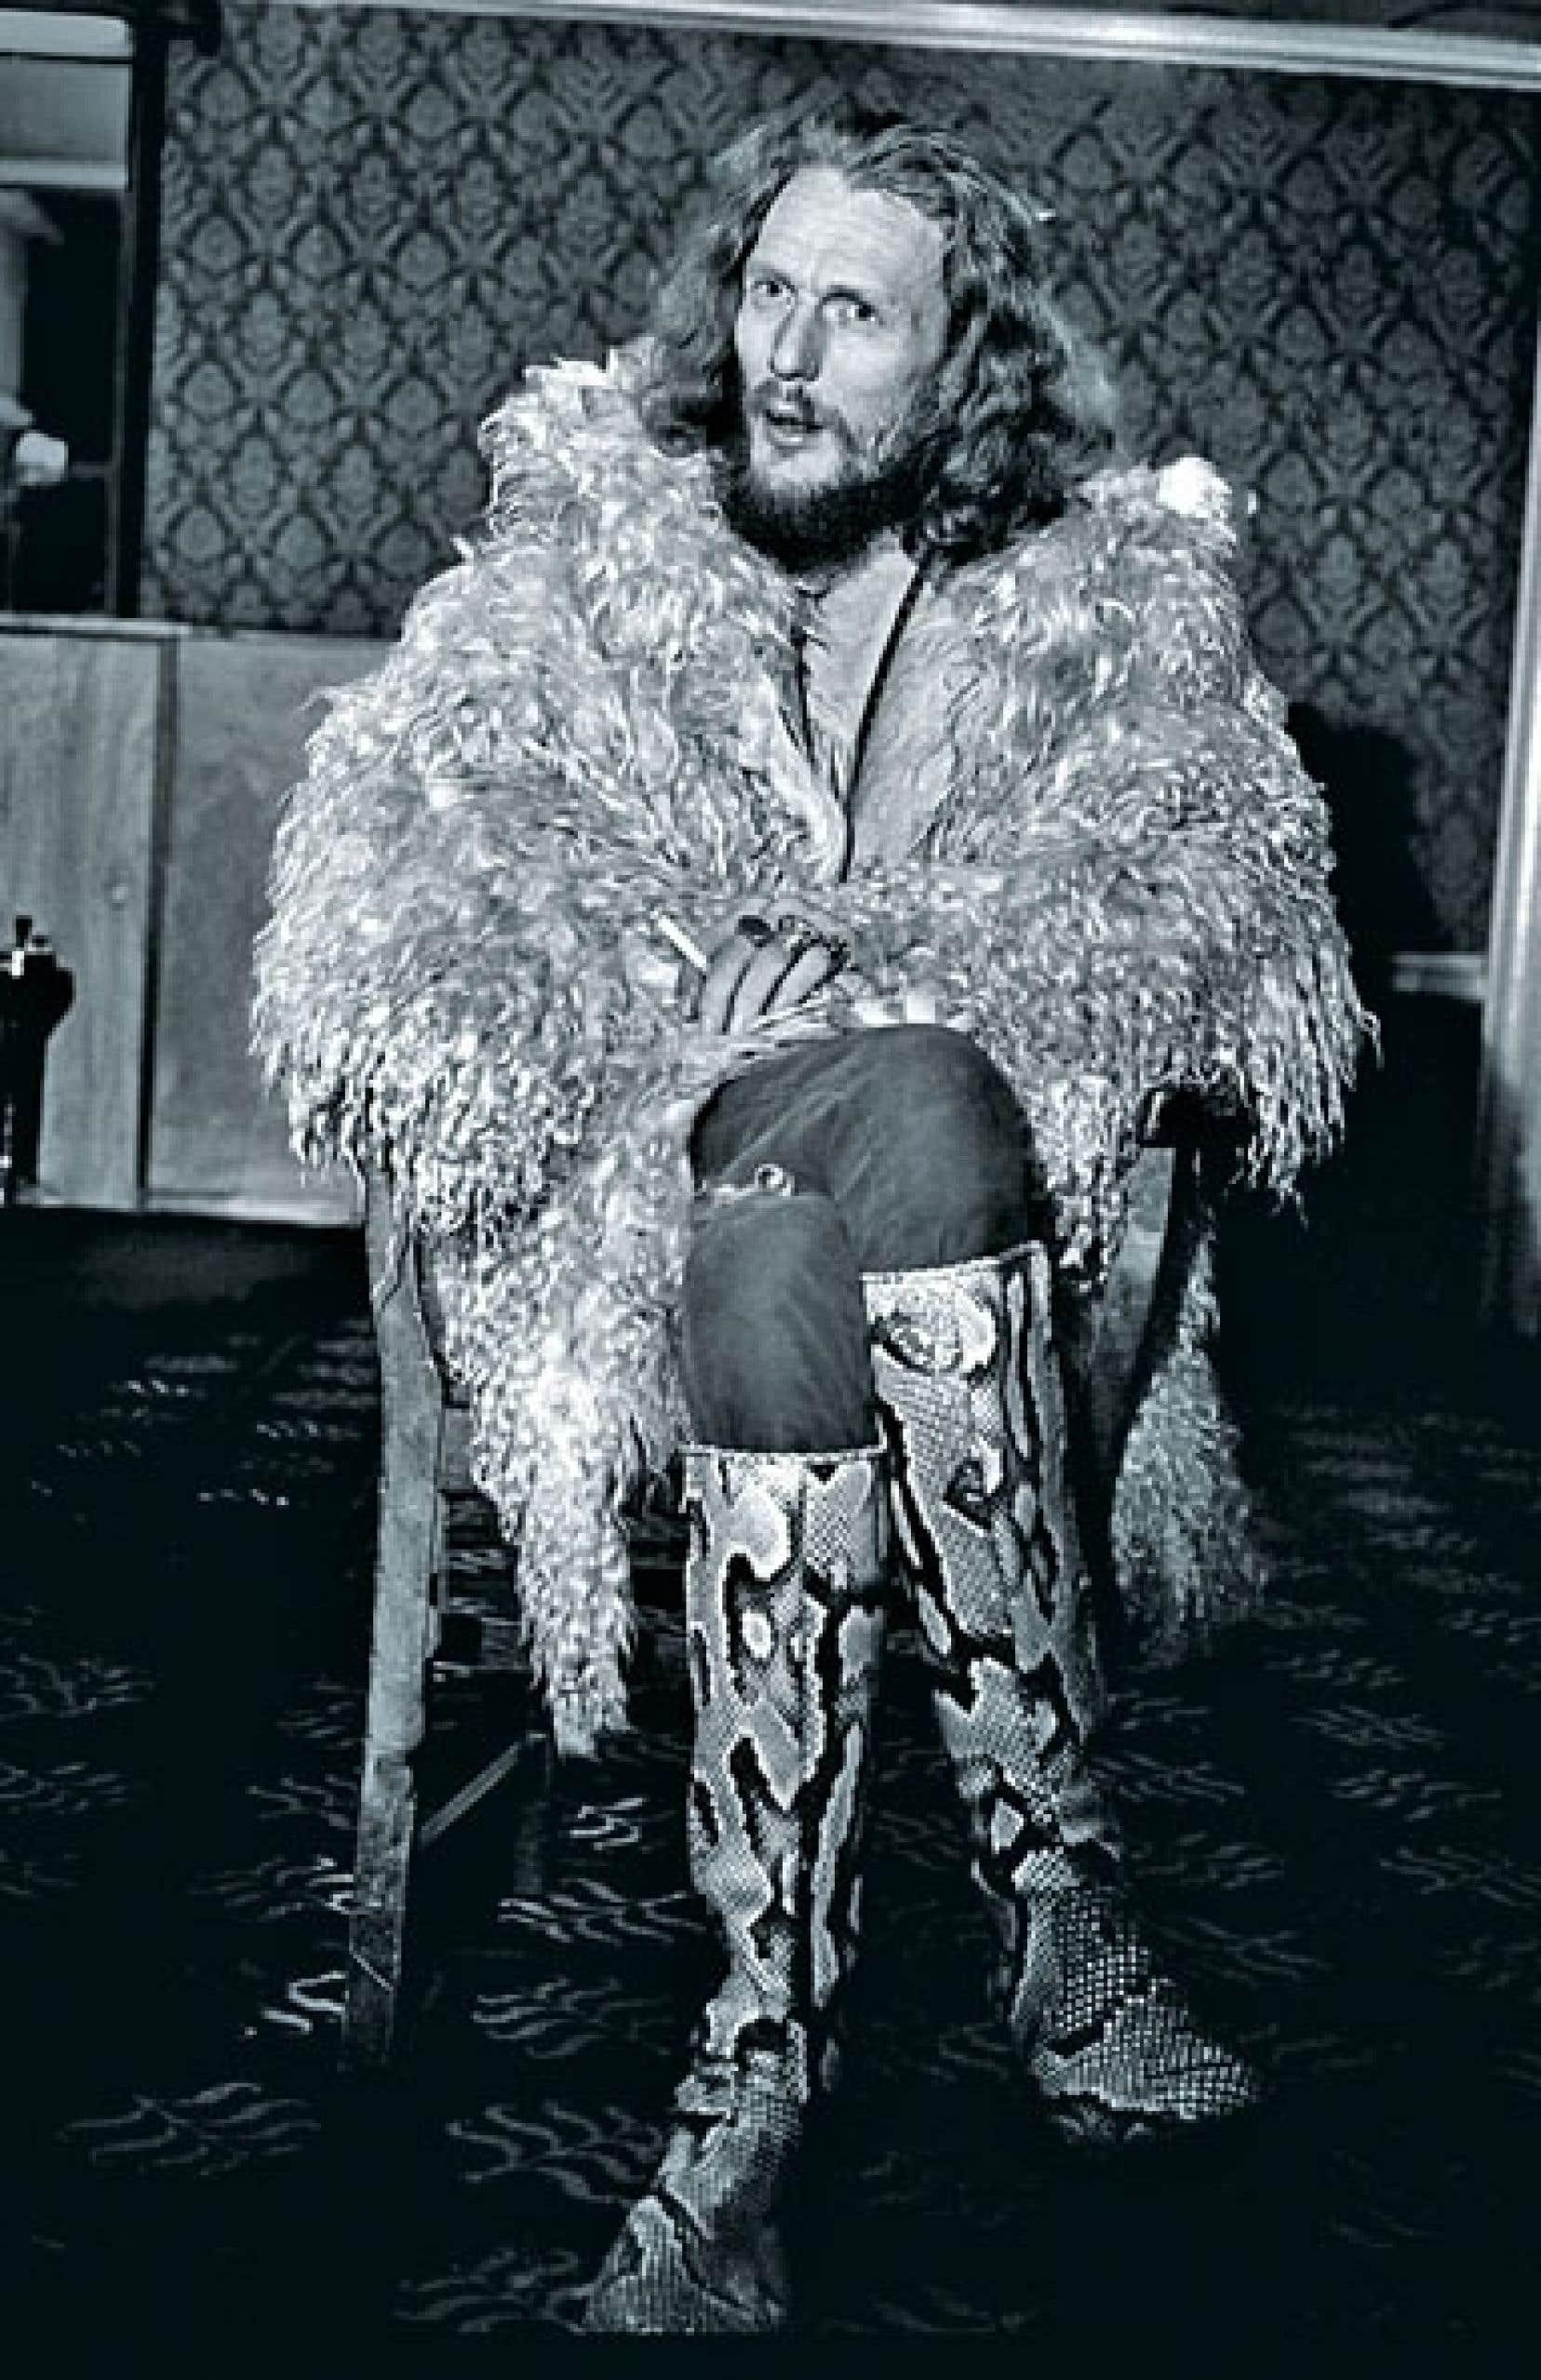 Ginger Baker est considéré comme l'un des meilleurs batteurs de l'histoire du rock et du jazz.